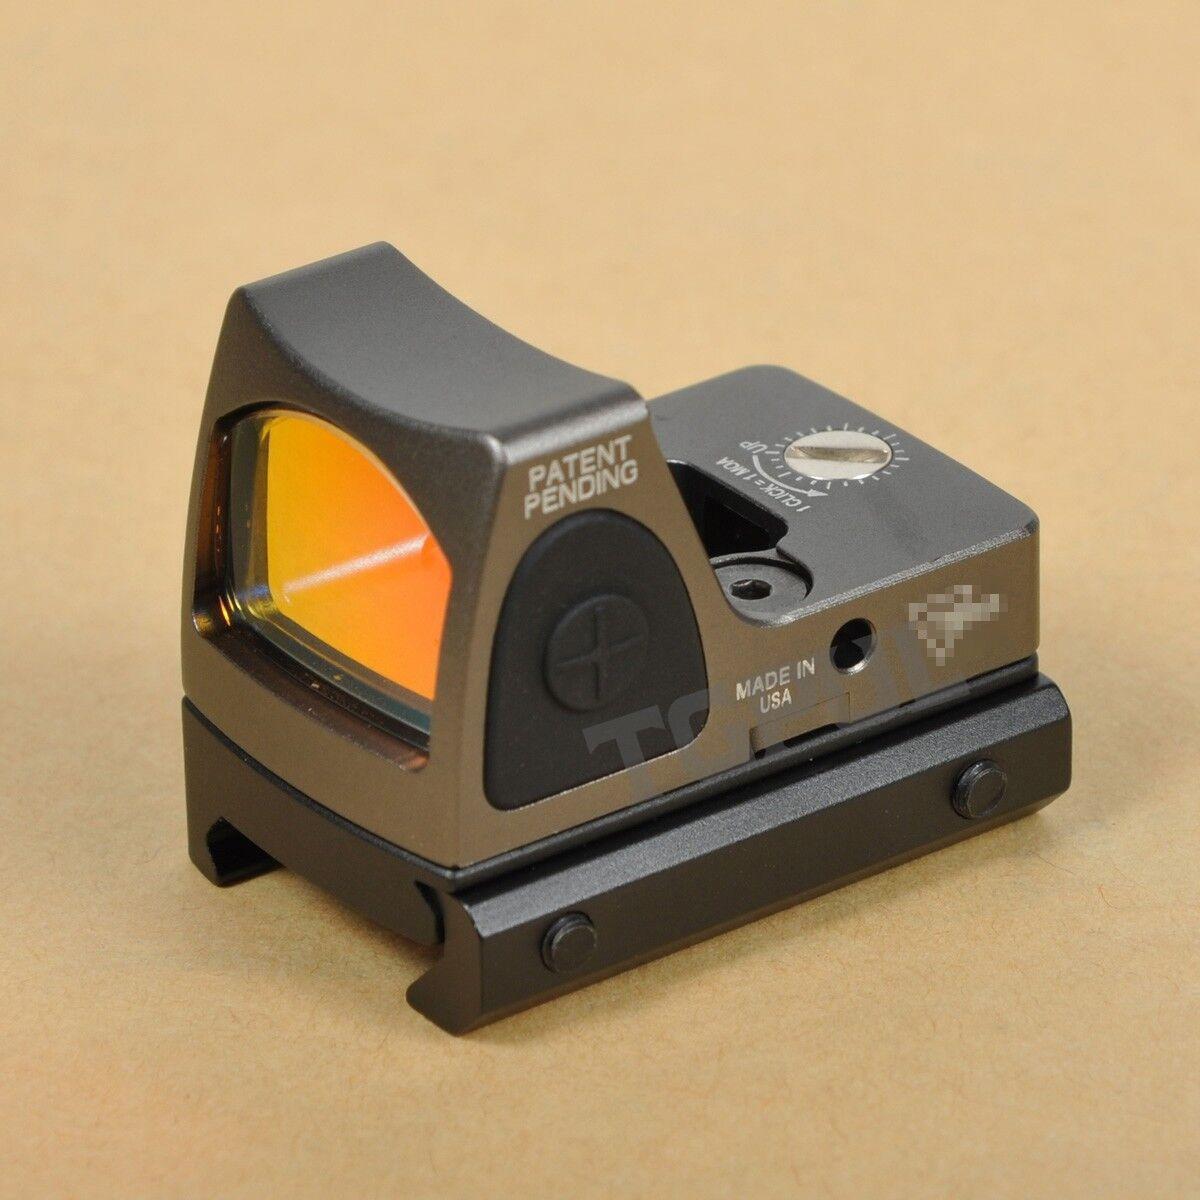 Tactical RMR 3.25 Moa Visor De Punto Rojo ajustable militar Reflex rojo dot scope